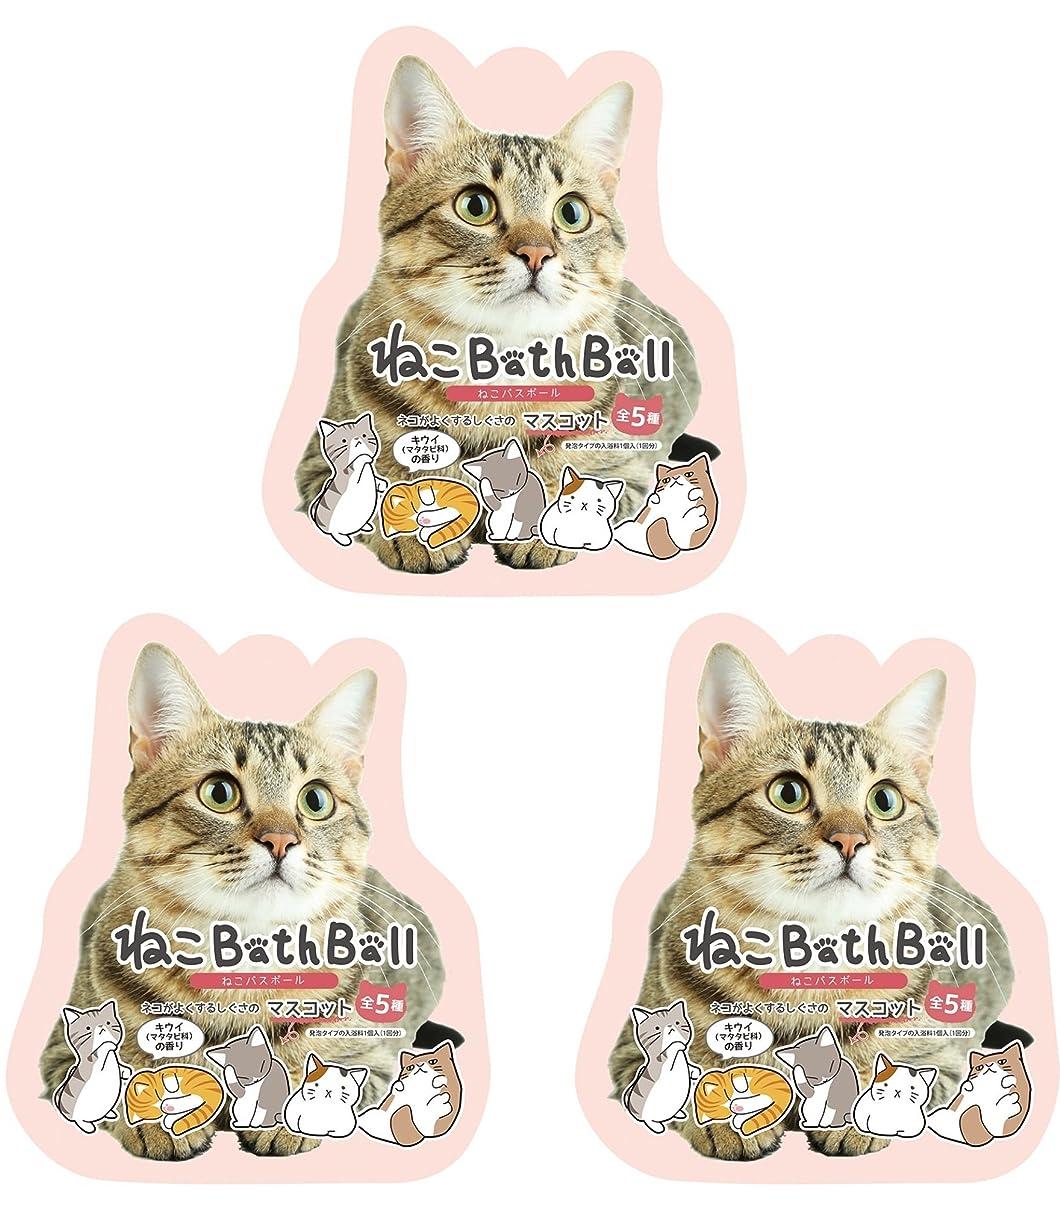 緩む先住民一部ねこ 入浴剤 猫マスコットが飛び出るバスボール 3個セット